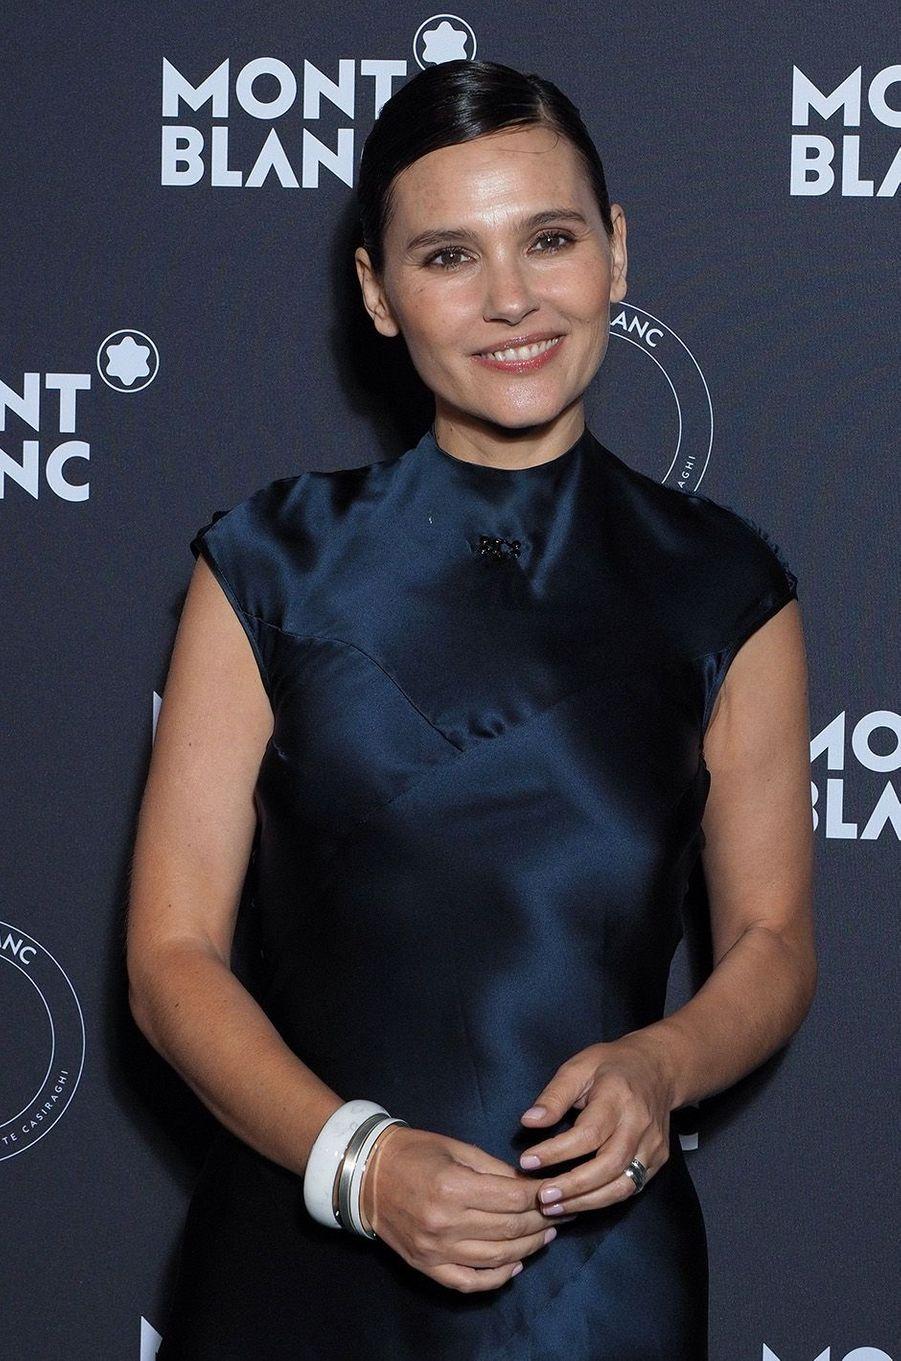 Virginie Ledoyen à la soirée Montblanc à Cannes, le 16 mai 2018.